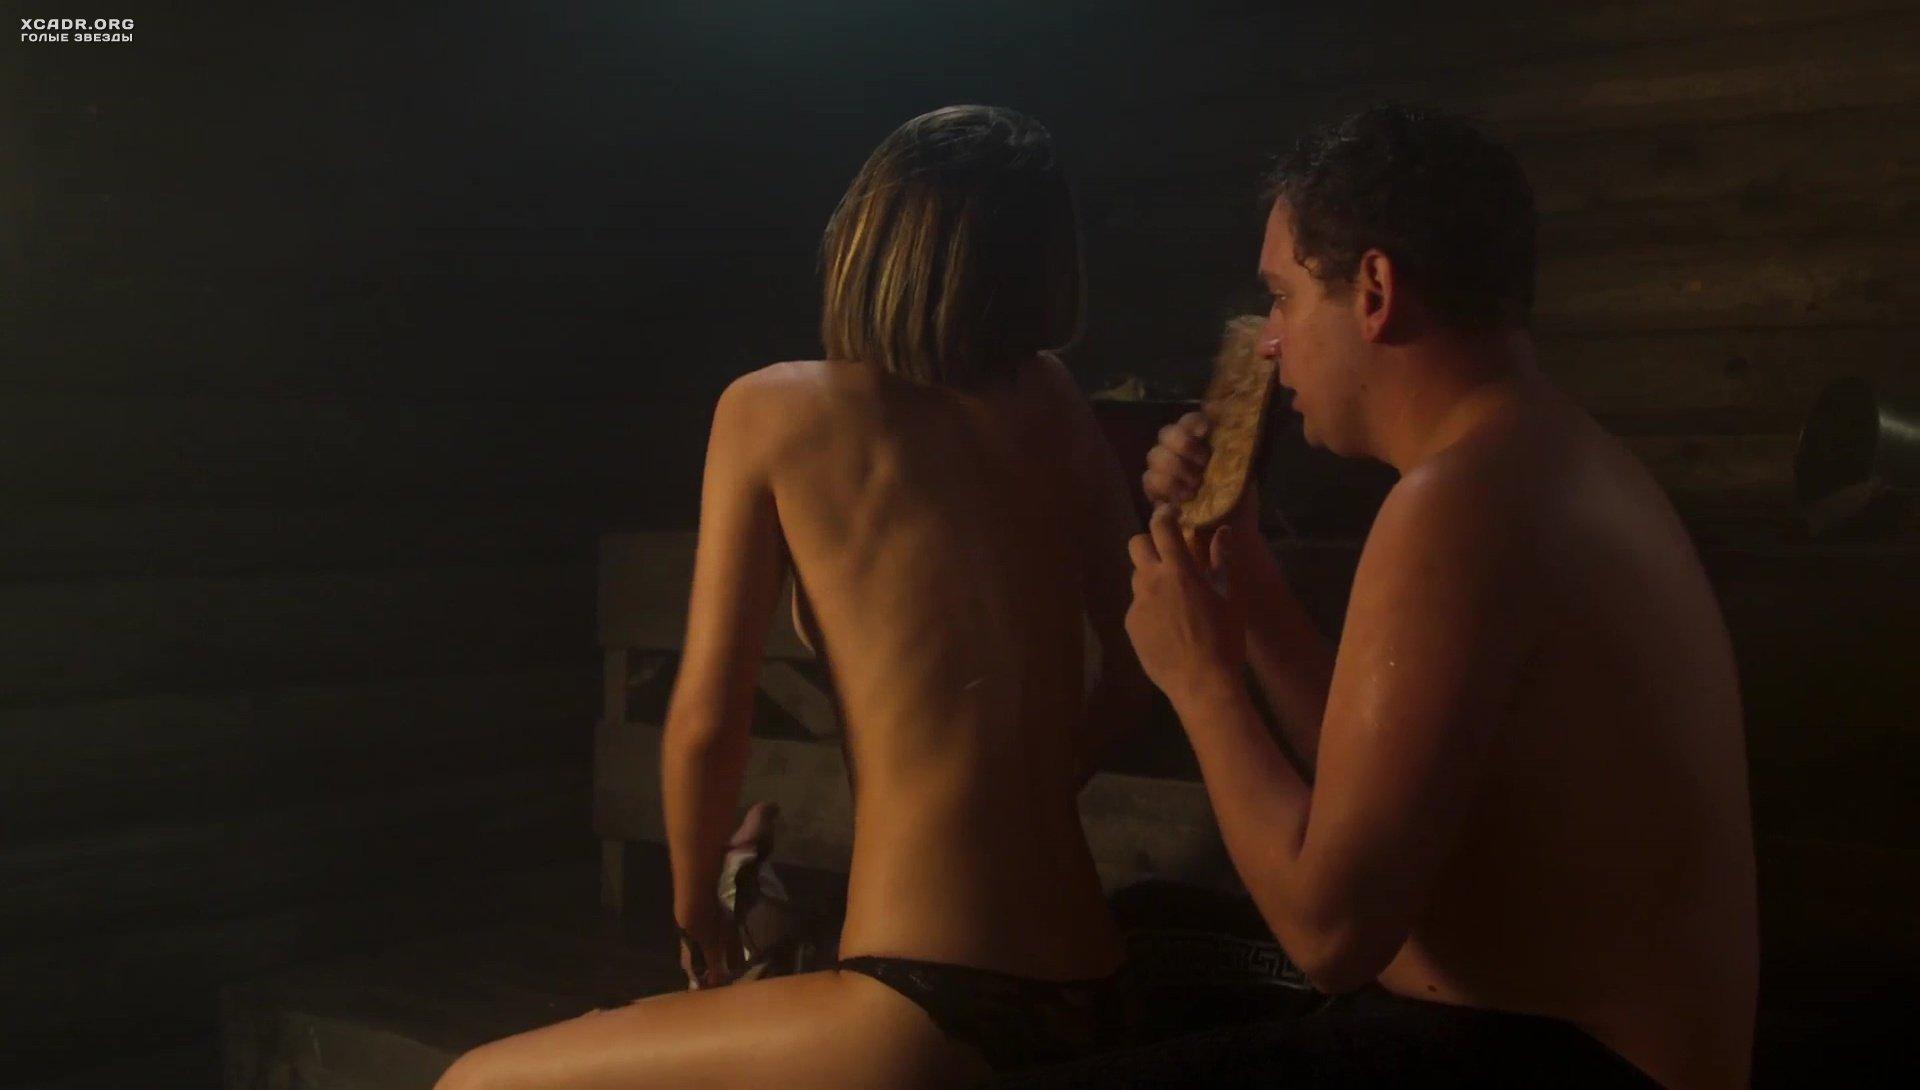 кино валериан и город тысячи планет порно